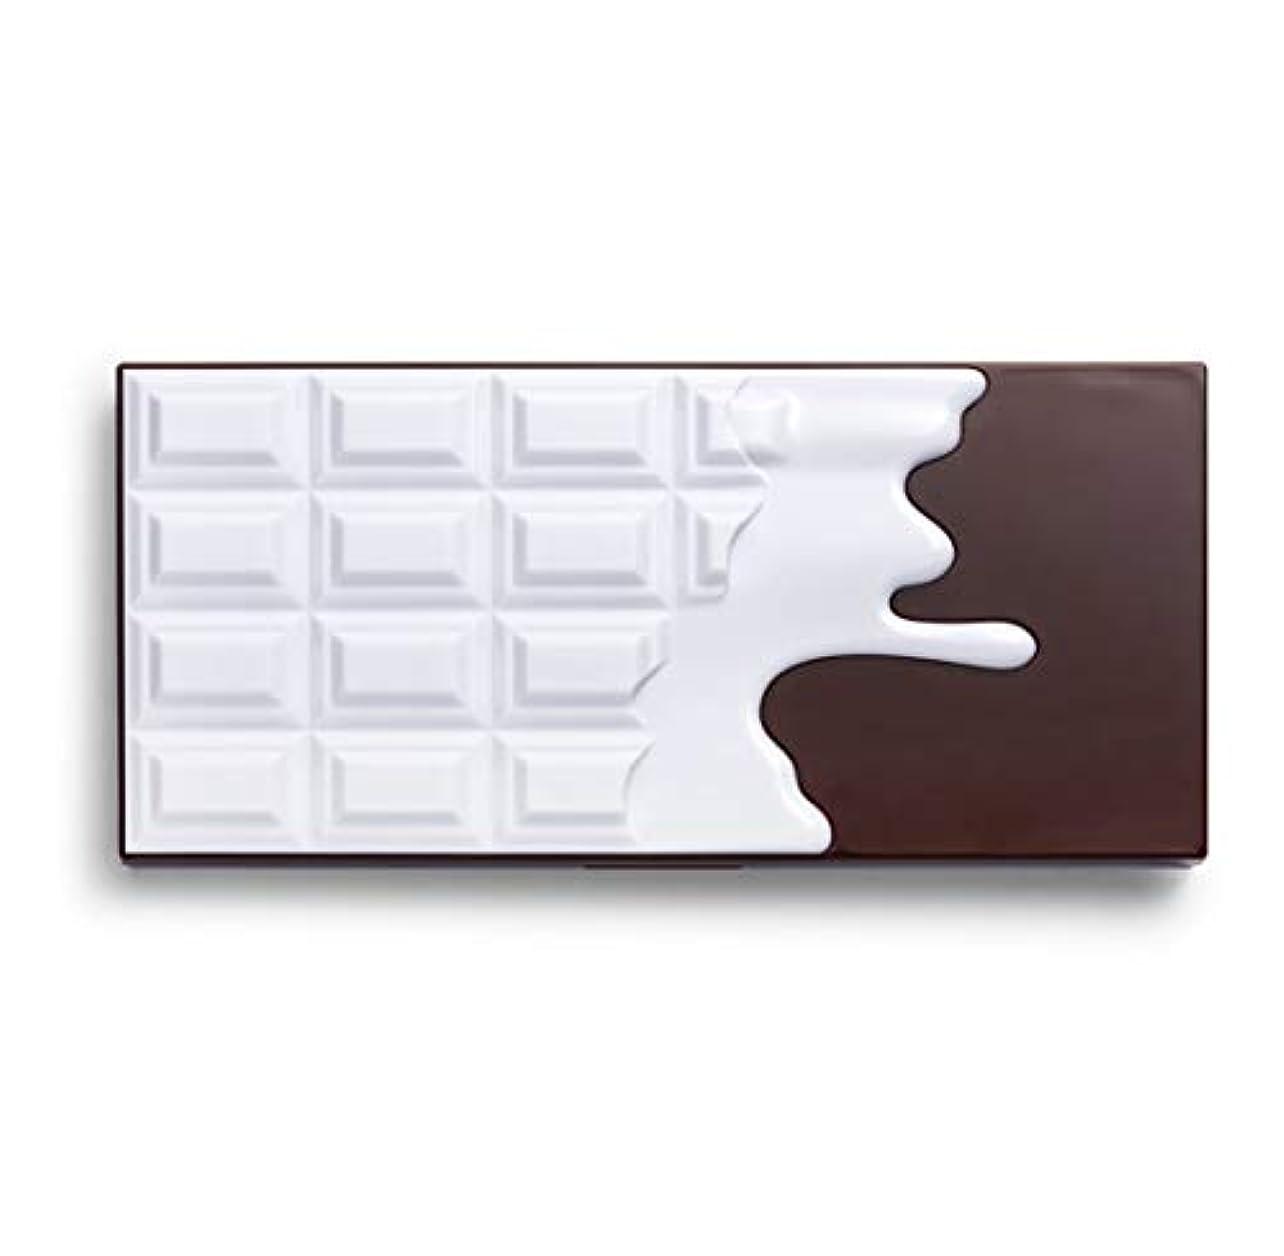 ゲームカレッジ合わせてメイクアップレボリューション アイラブメイクアップ チョコレート型18色アイシャドウパレット #Smores Chocolate